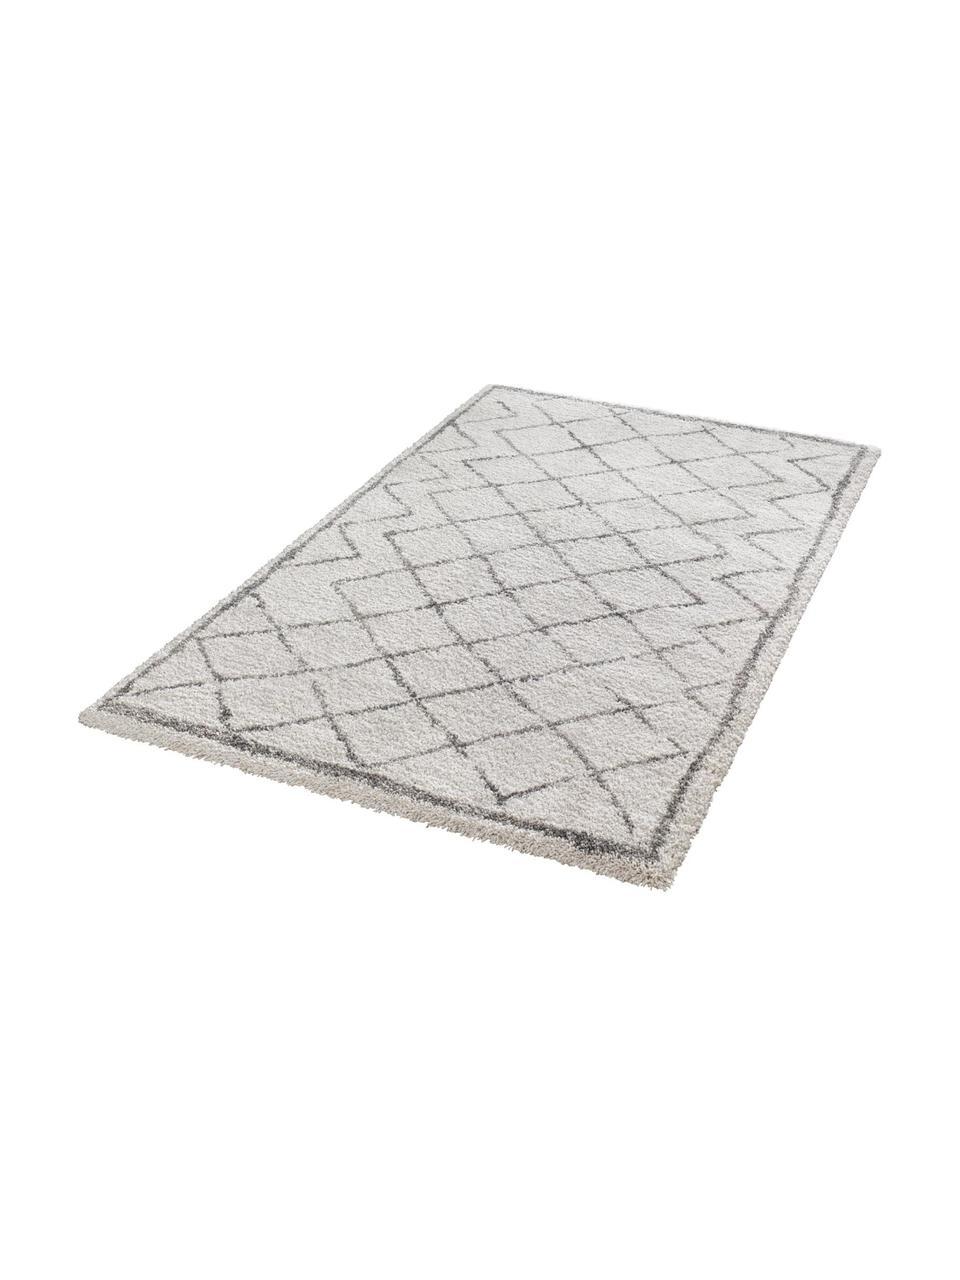 Hoogpolig vloerkleed Luna Diamond met ruitjesmotief, grijs/crèmekleur, Bovenzijde: 100% polypropyleen, Onderzijde: jute, Crèmekleurig, grijs, 80 x 150 cm